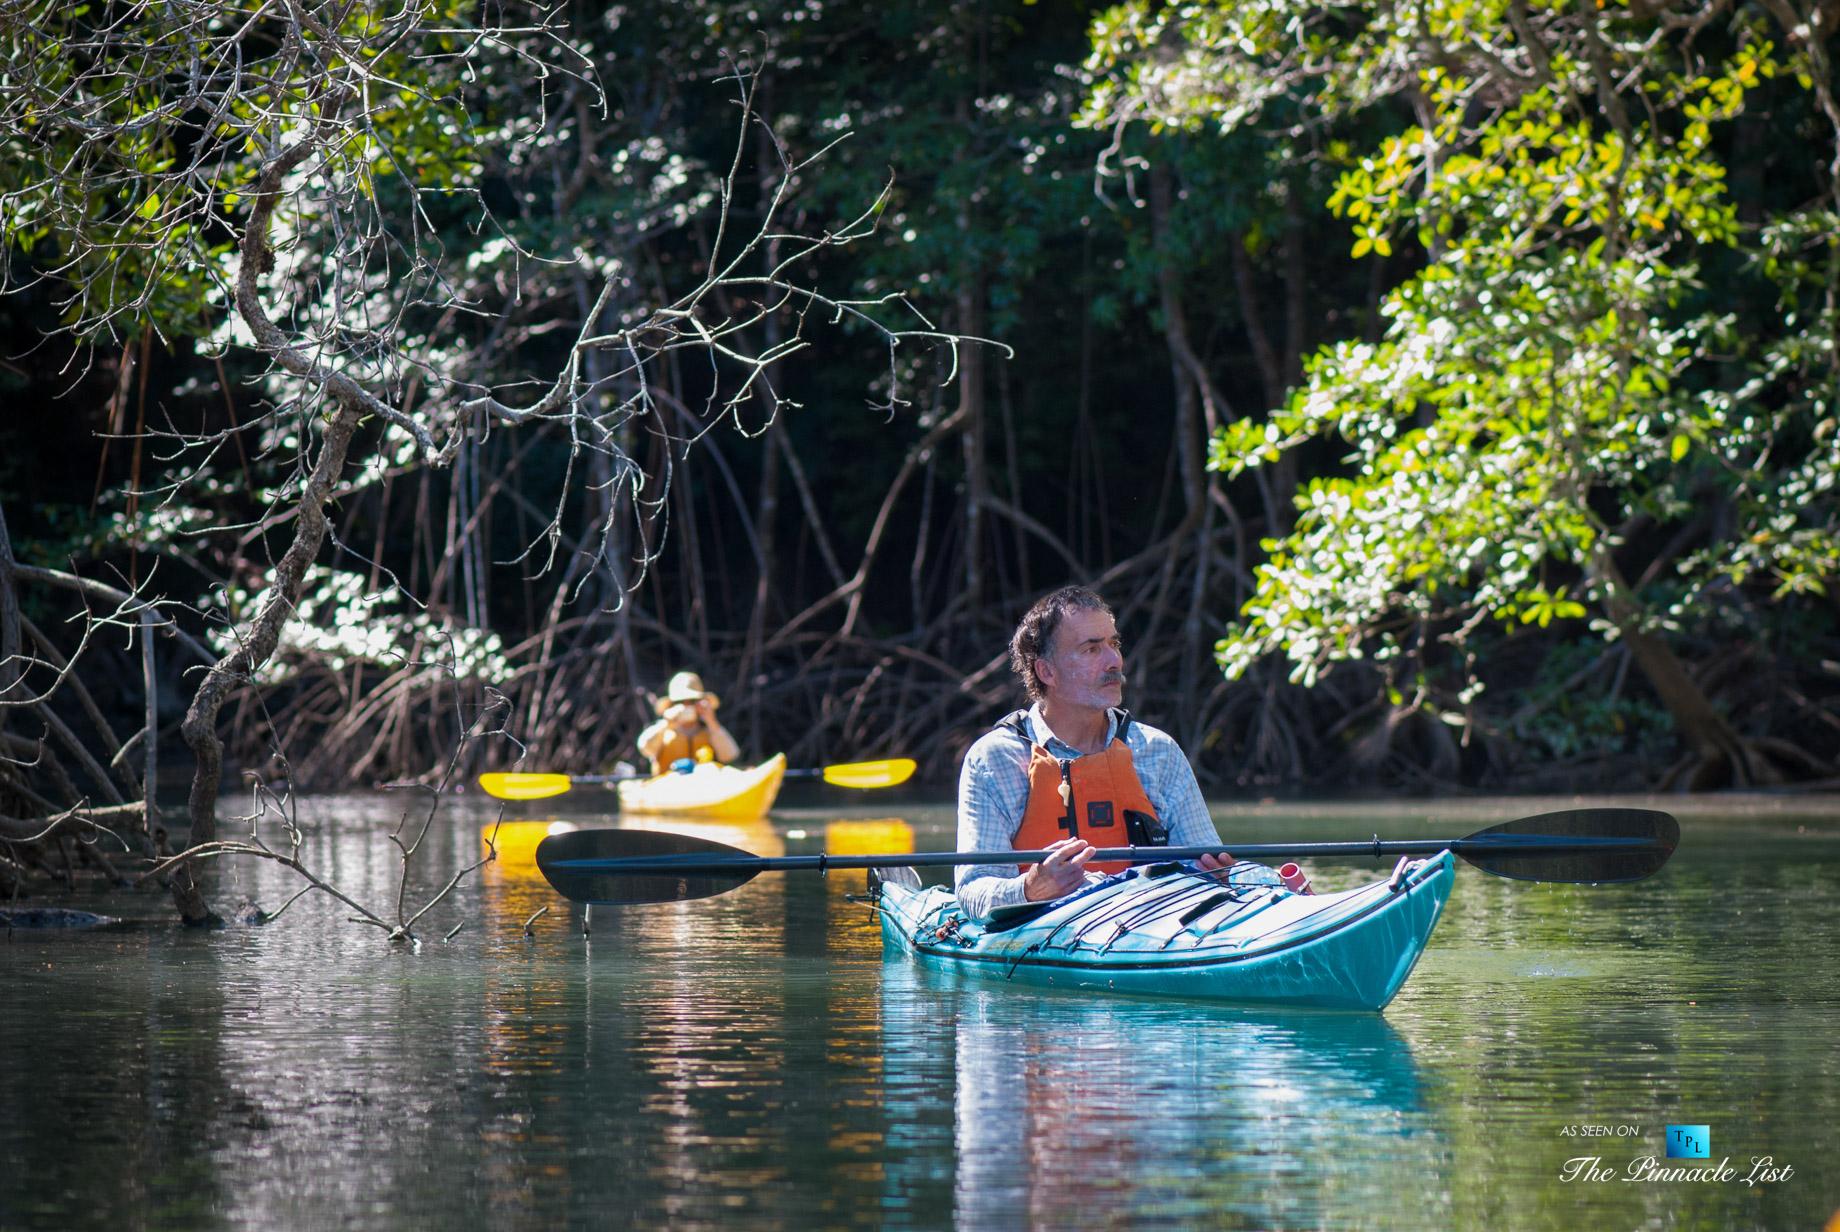 Tambor Tropical Beach Resort – Tambor, Puntarenas, Costa Rica – Trpoical Kayaking